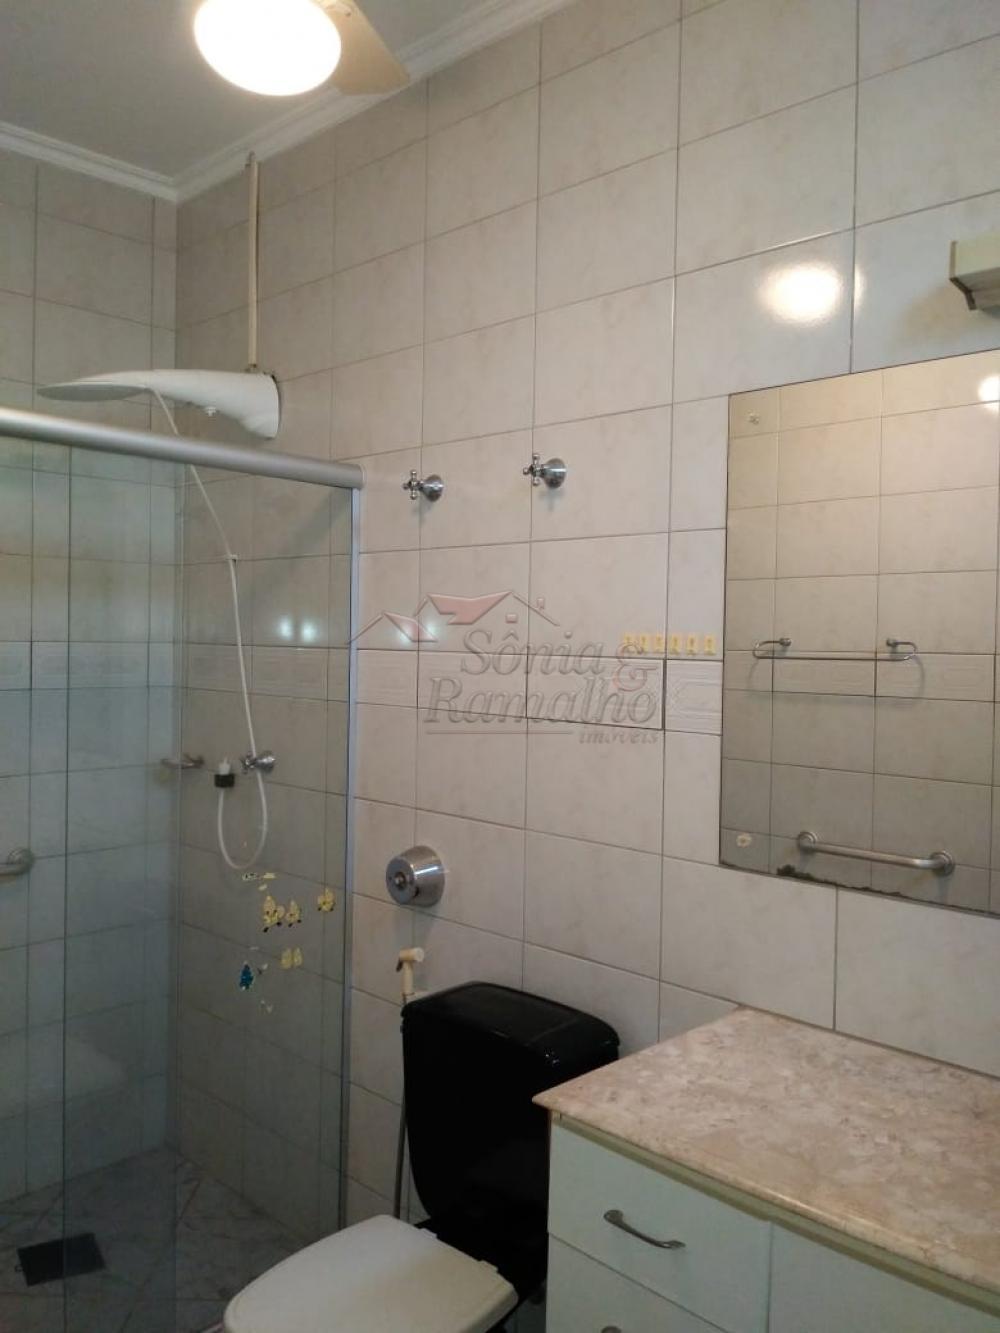 Alugar Casas / Padrão em Ribeirão Preto apenas R$ 3.600,00 - Foto 26